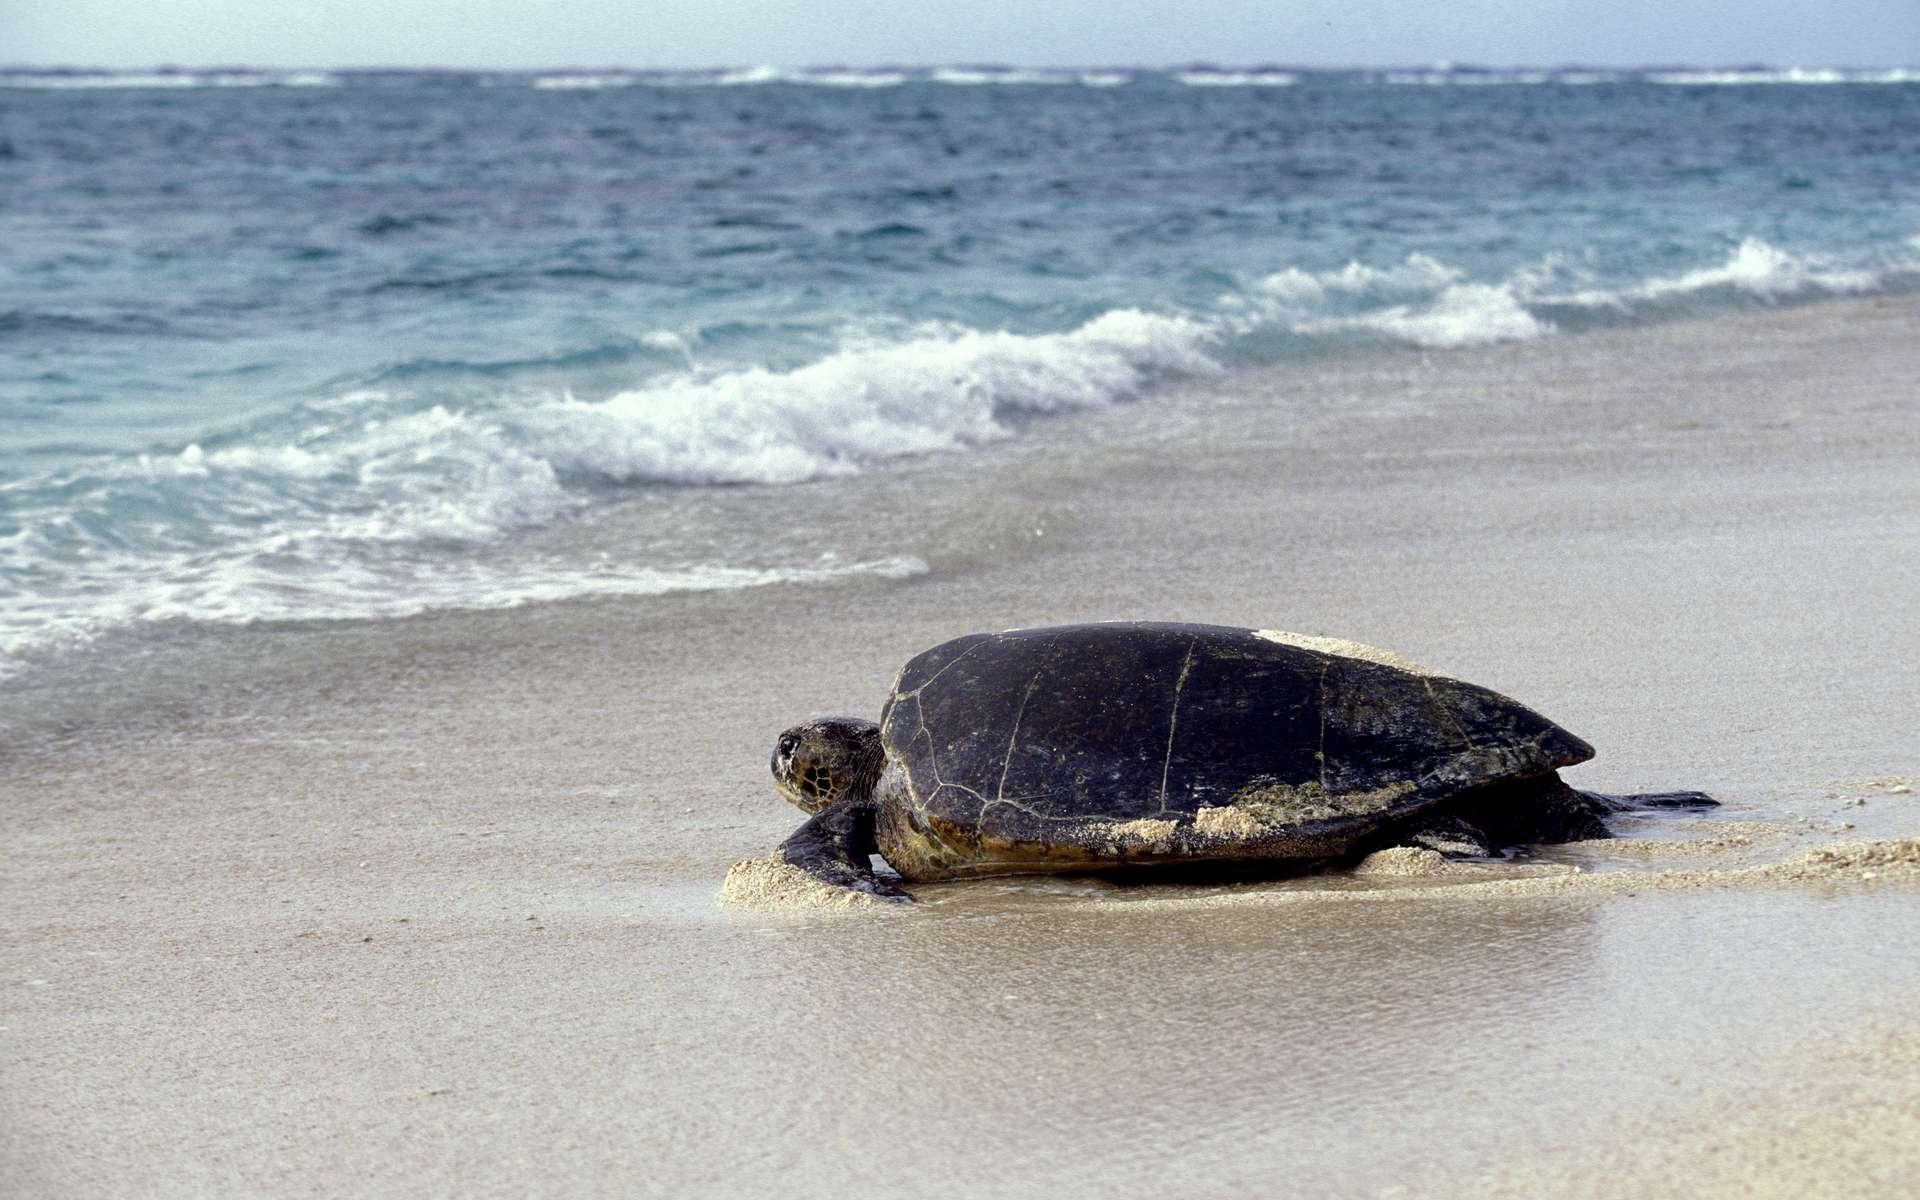 Une tortue caretta caretta est venue pondre sur une plage de Fréjus dans le département du Var. © Slowmotiongli, Adobe Stock